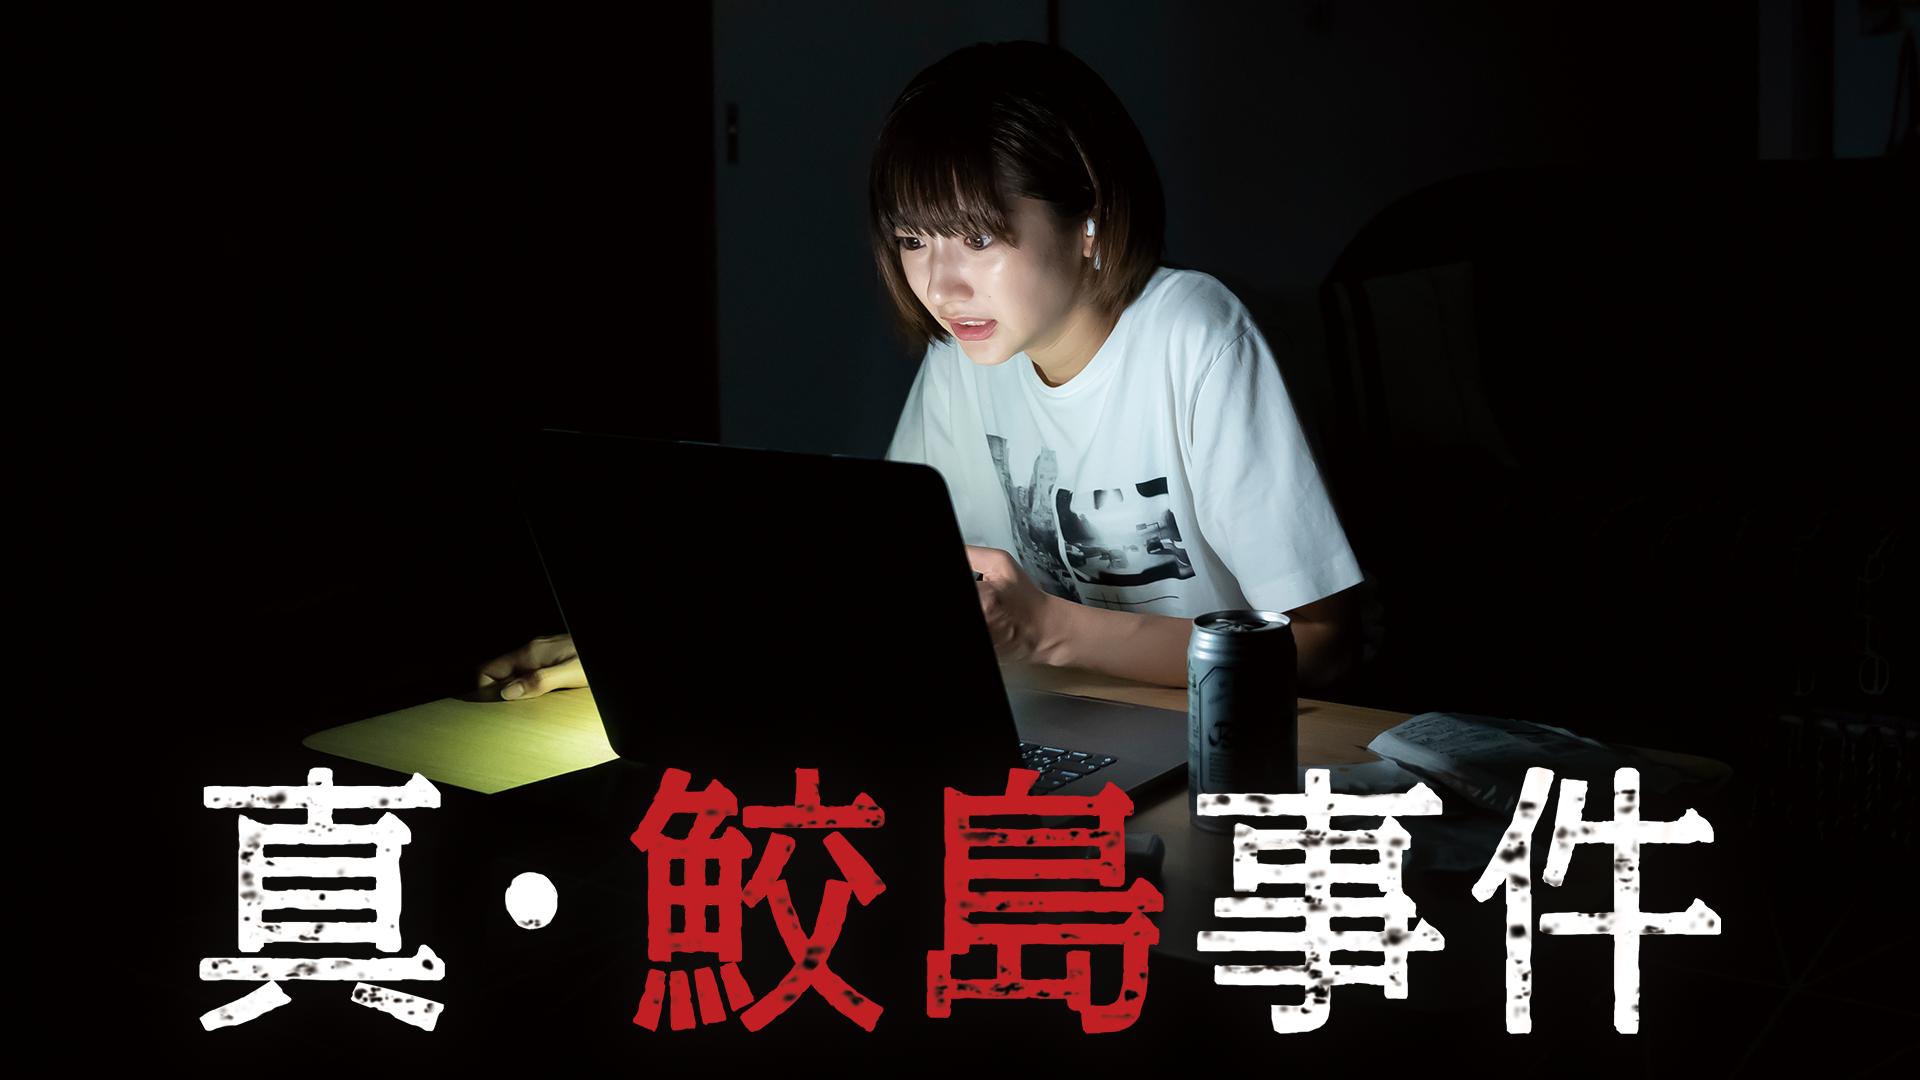 映画『真・鮫島事件』無料動画!見放題でフル視聴できる方法は?おすすめ動画配信サービス